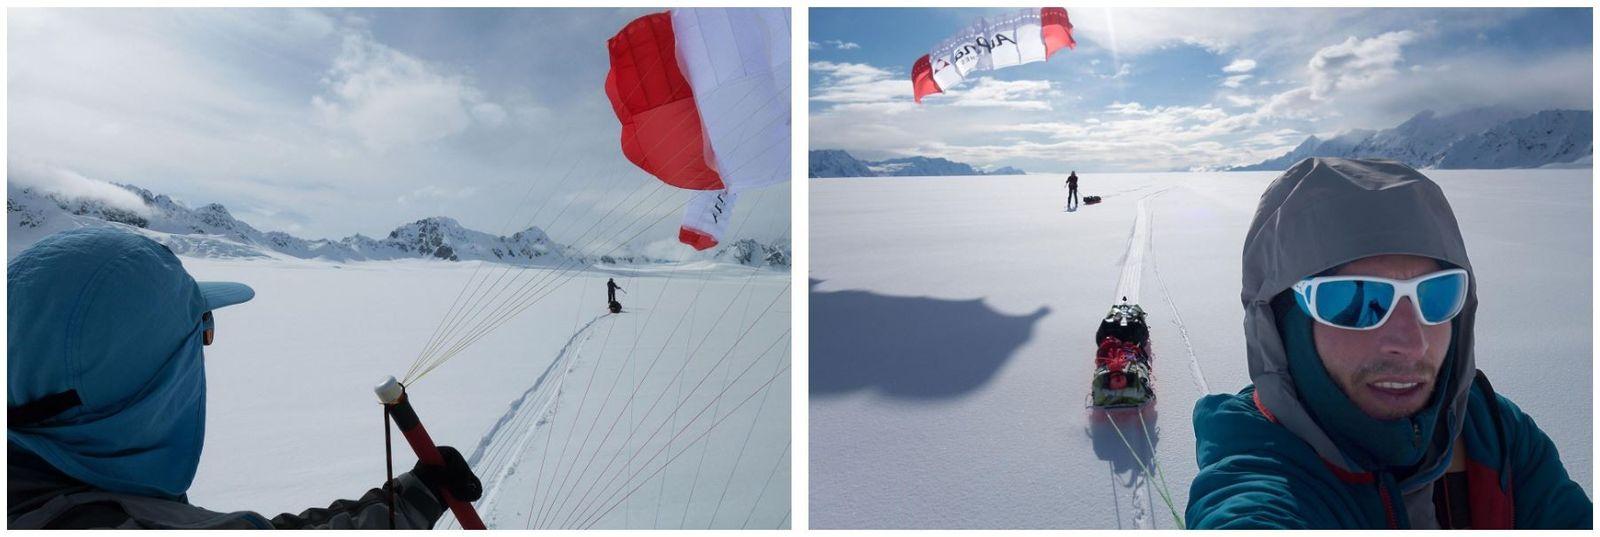 Esquerda: Børge e Colliard levaram velas de esqui para os ajudar a atravessar o campo de ...